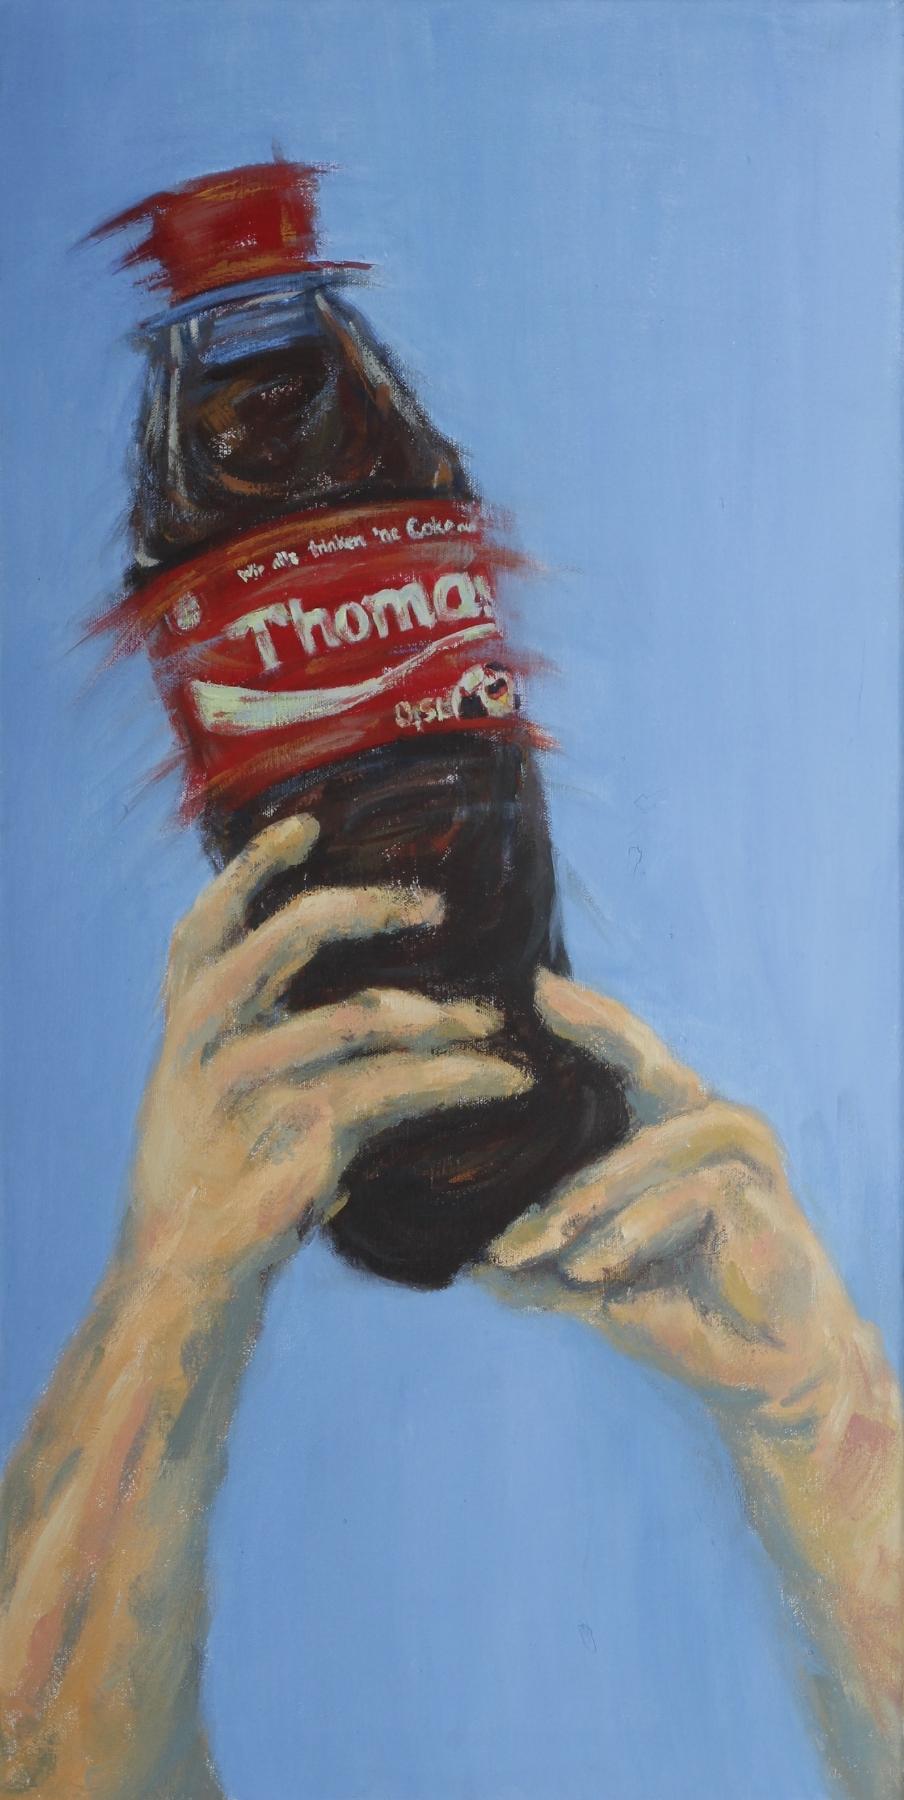 WM Coke